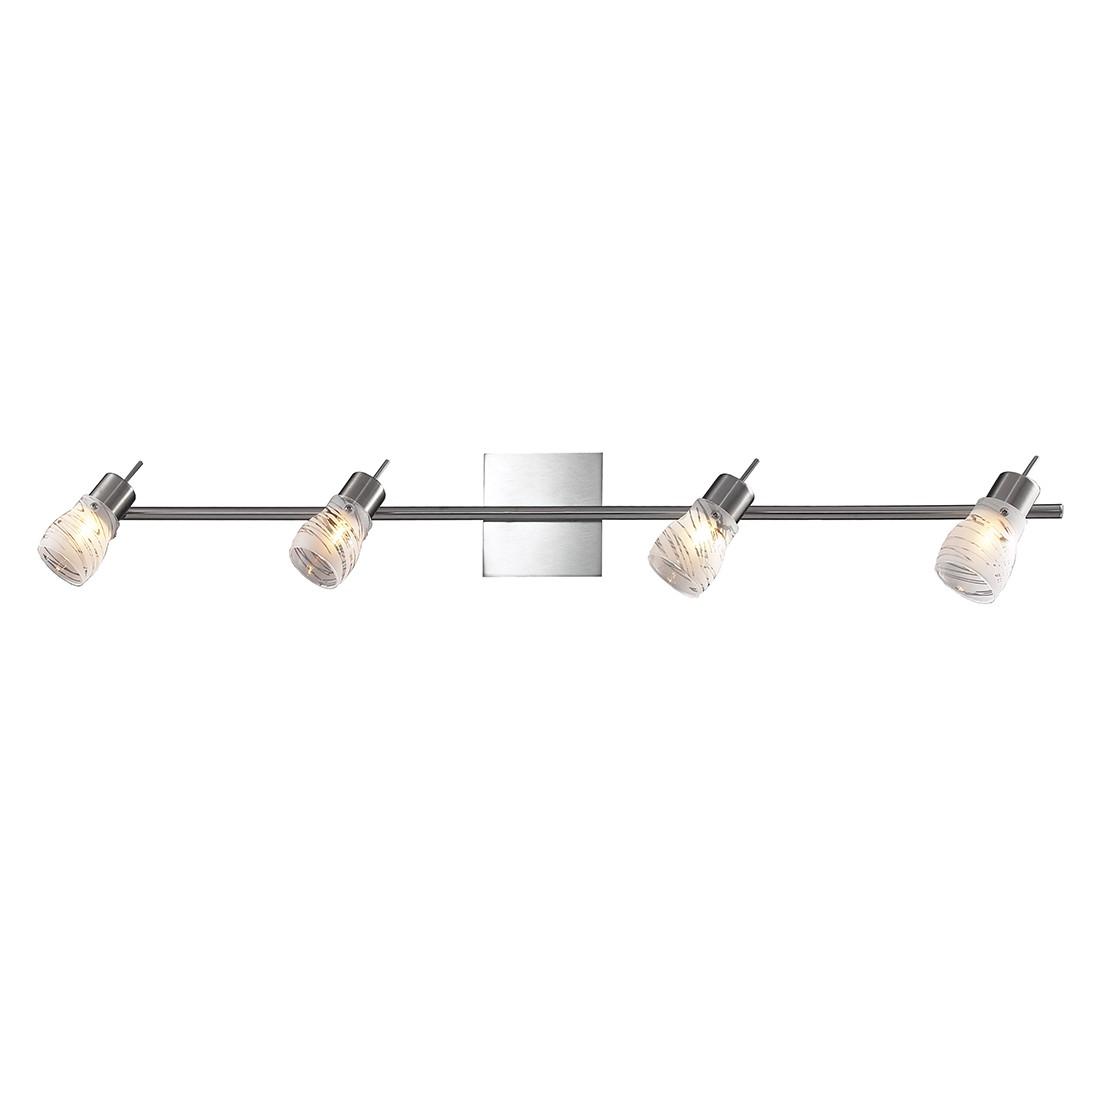 Wand- Deckenspot Metal Nova - 4-flammig, Esto